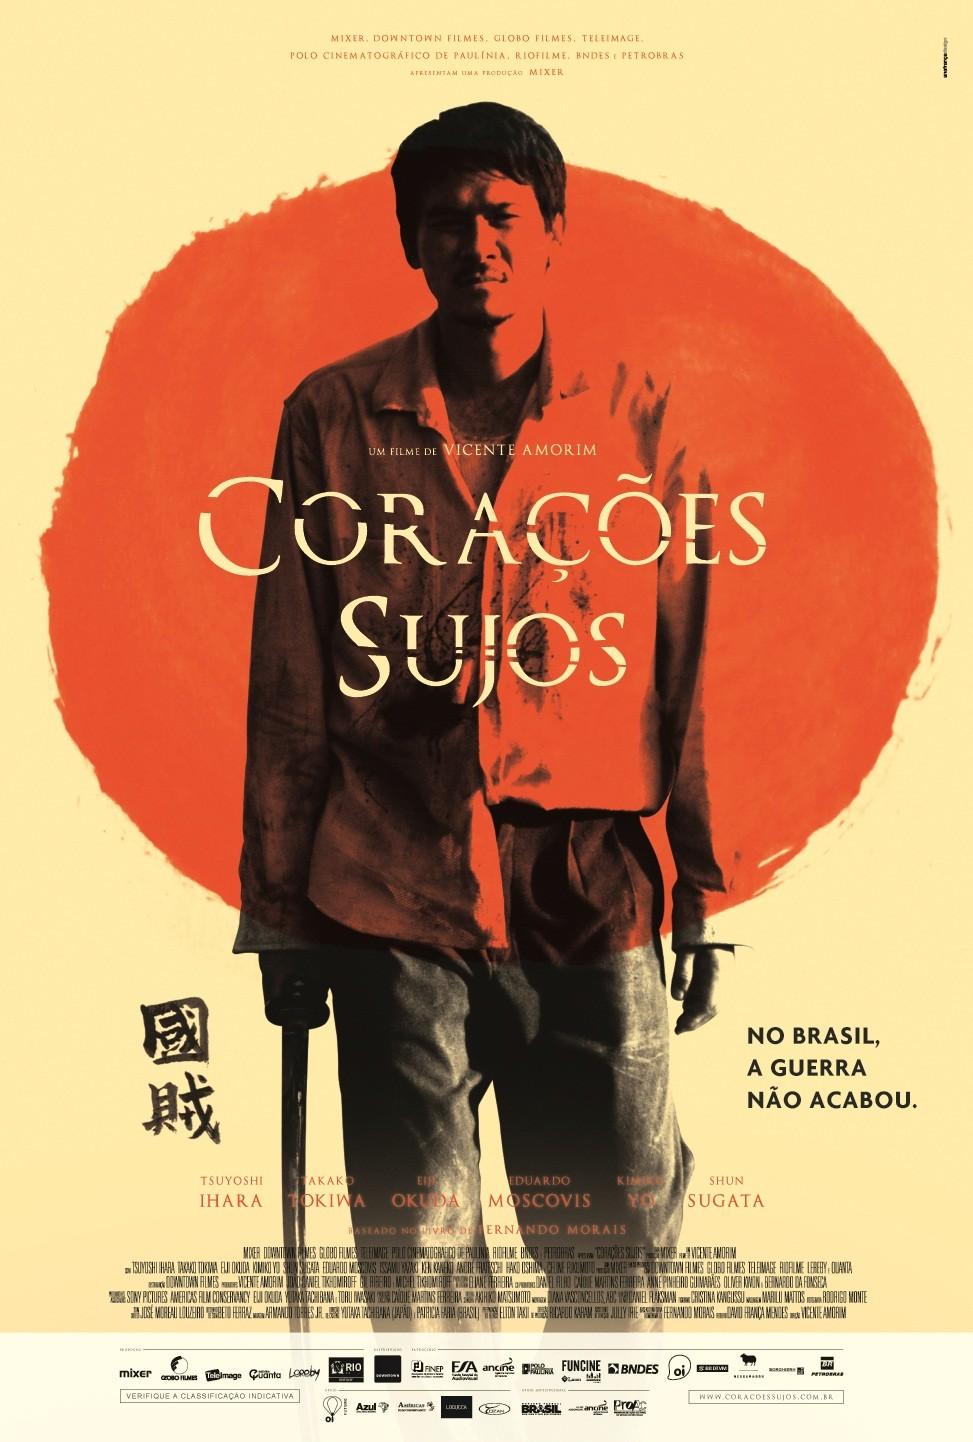 Corações Sujos (Foto: divulgação - Globo Filmes)